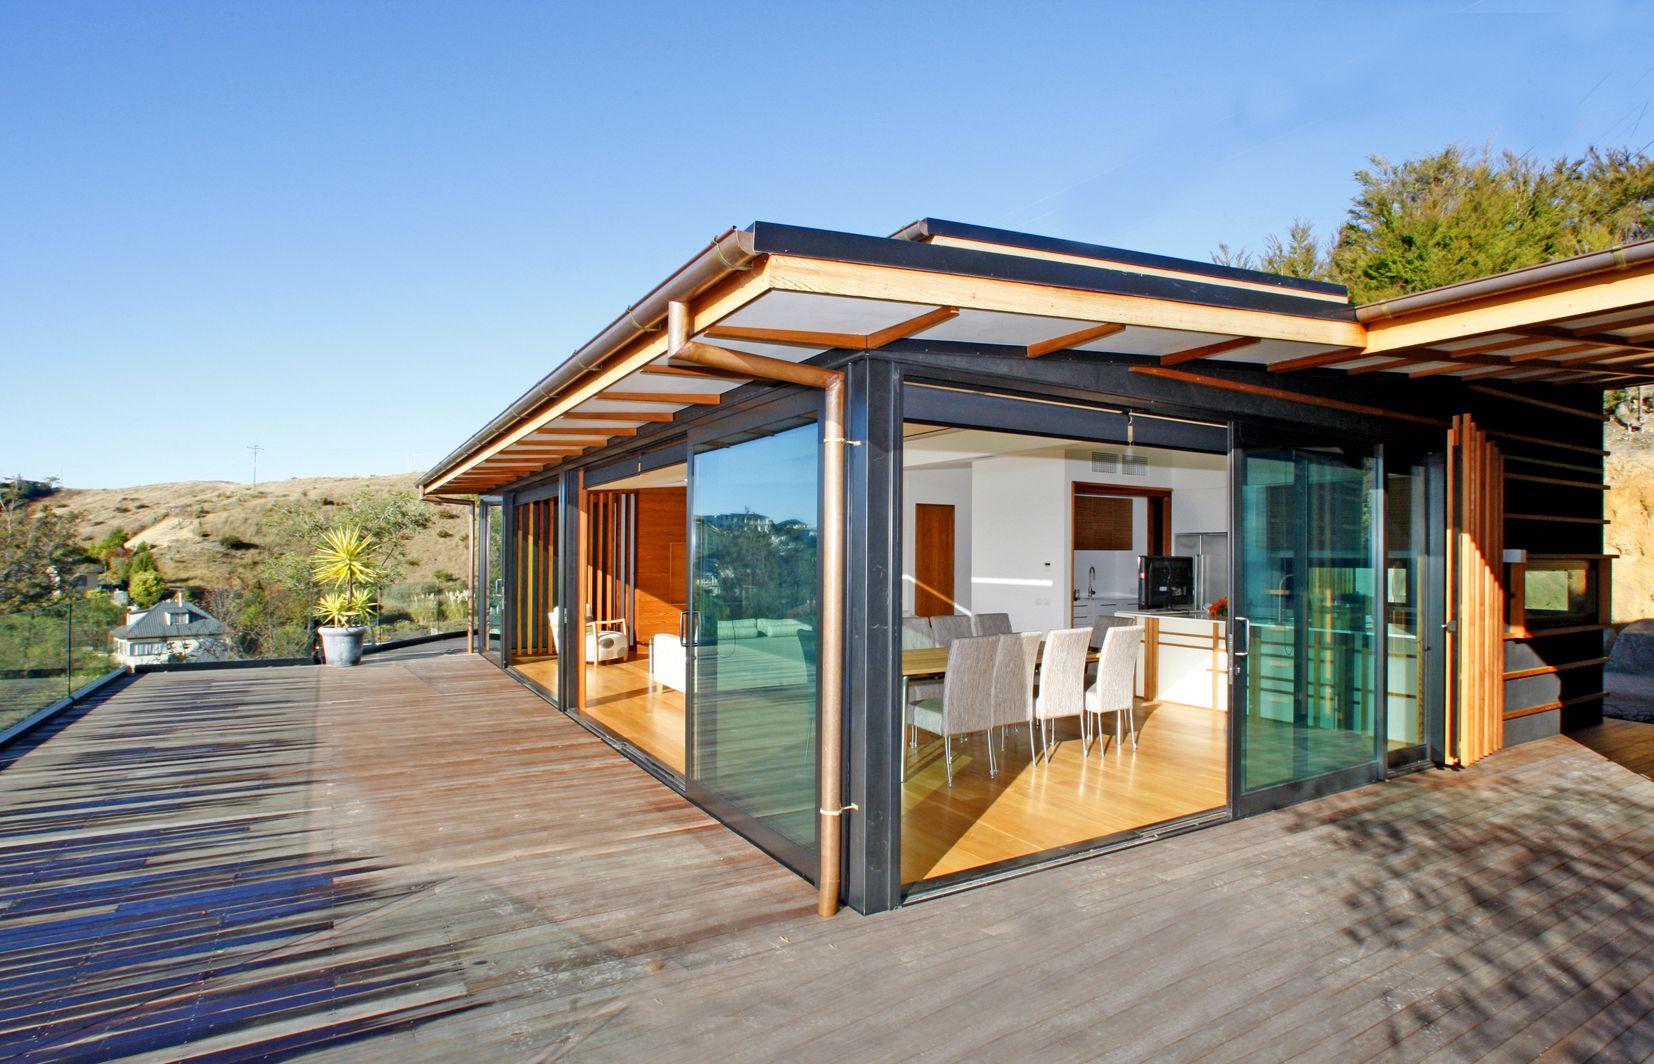 Deck Inspiration - Home Exterior Design Ideas | New build ...